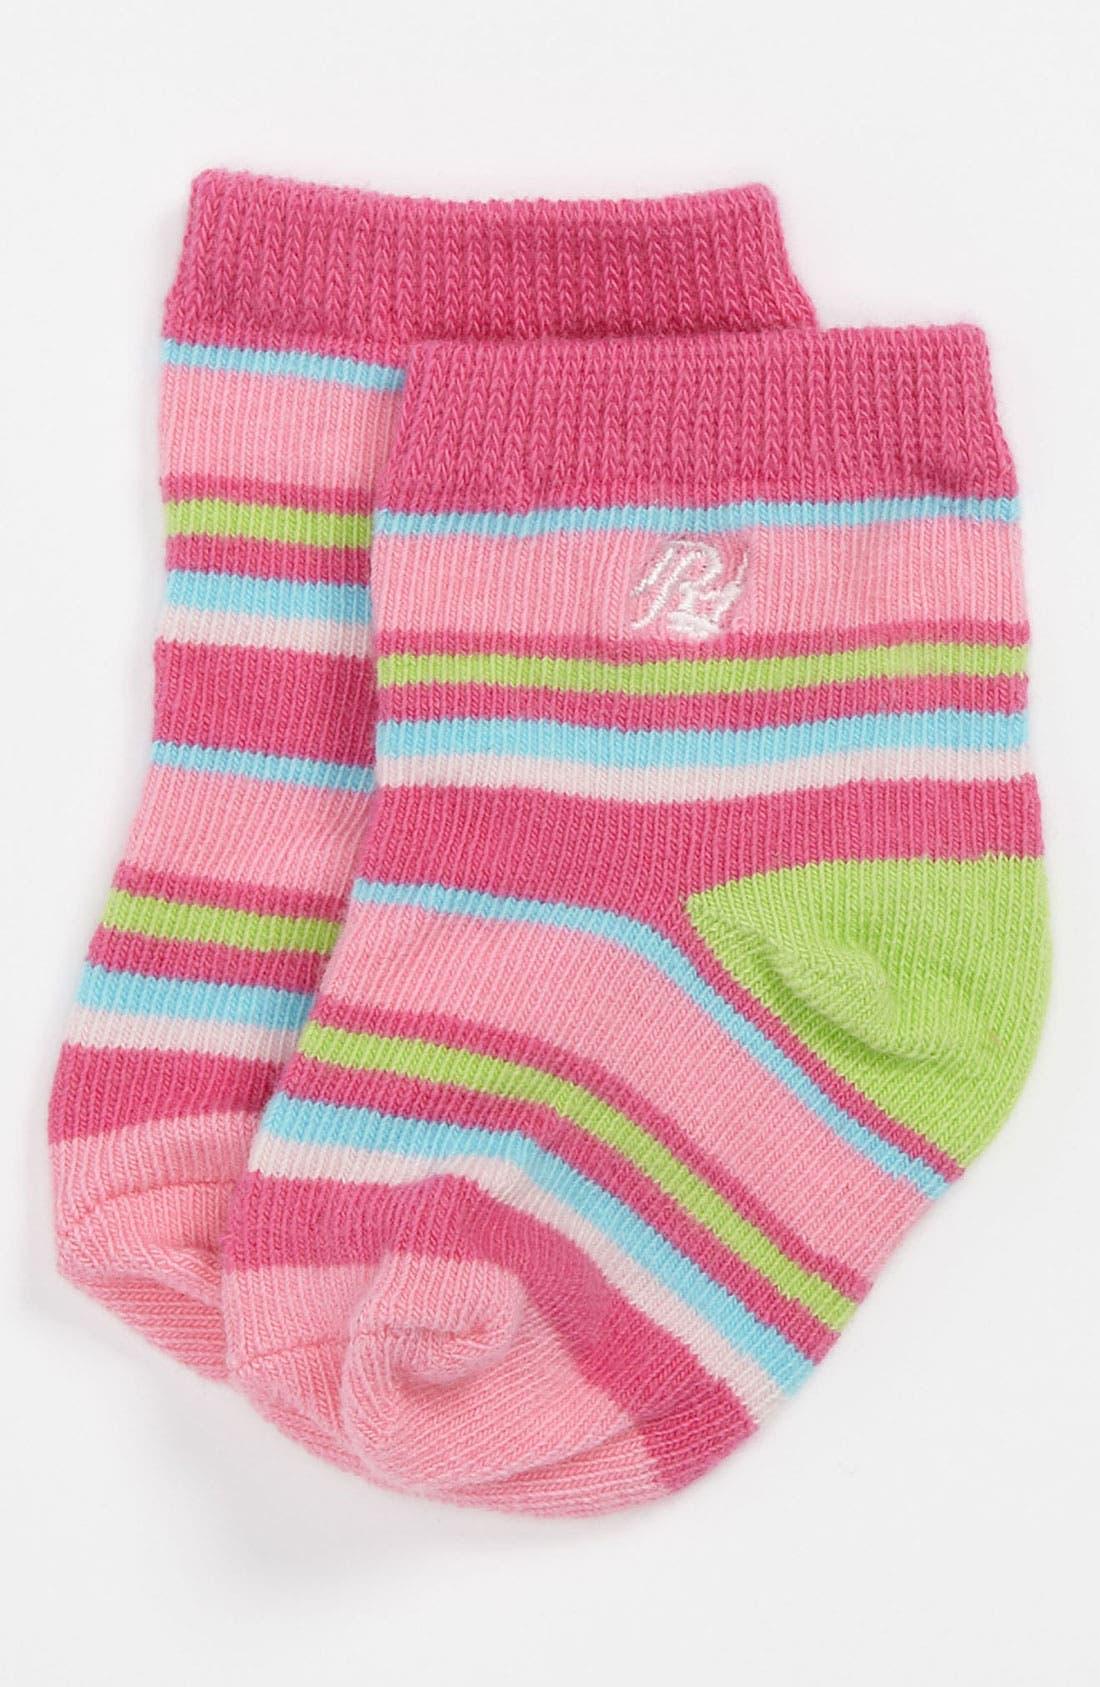 Alternate Image 1 Selected - Polo Ralph Lauren Crew Socks (Baby Girls)